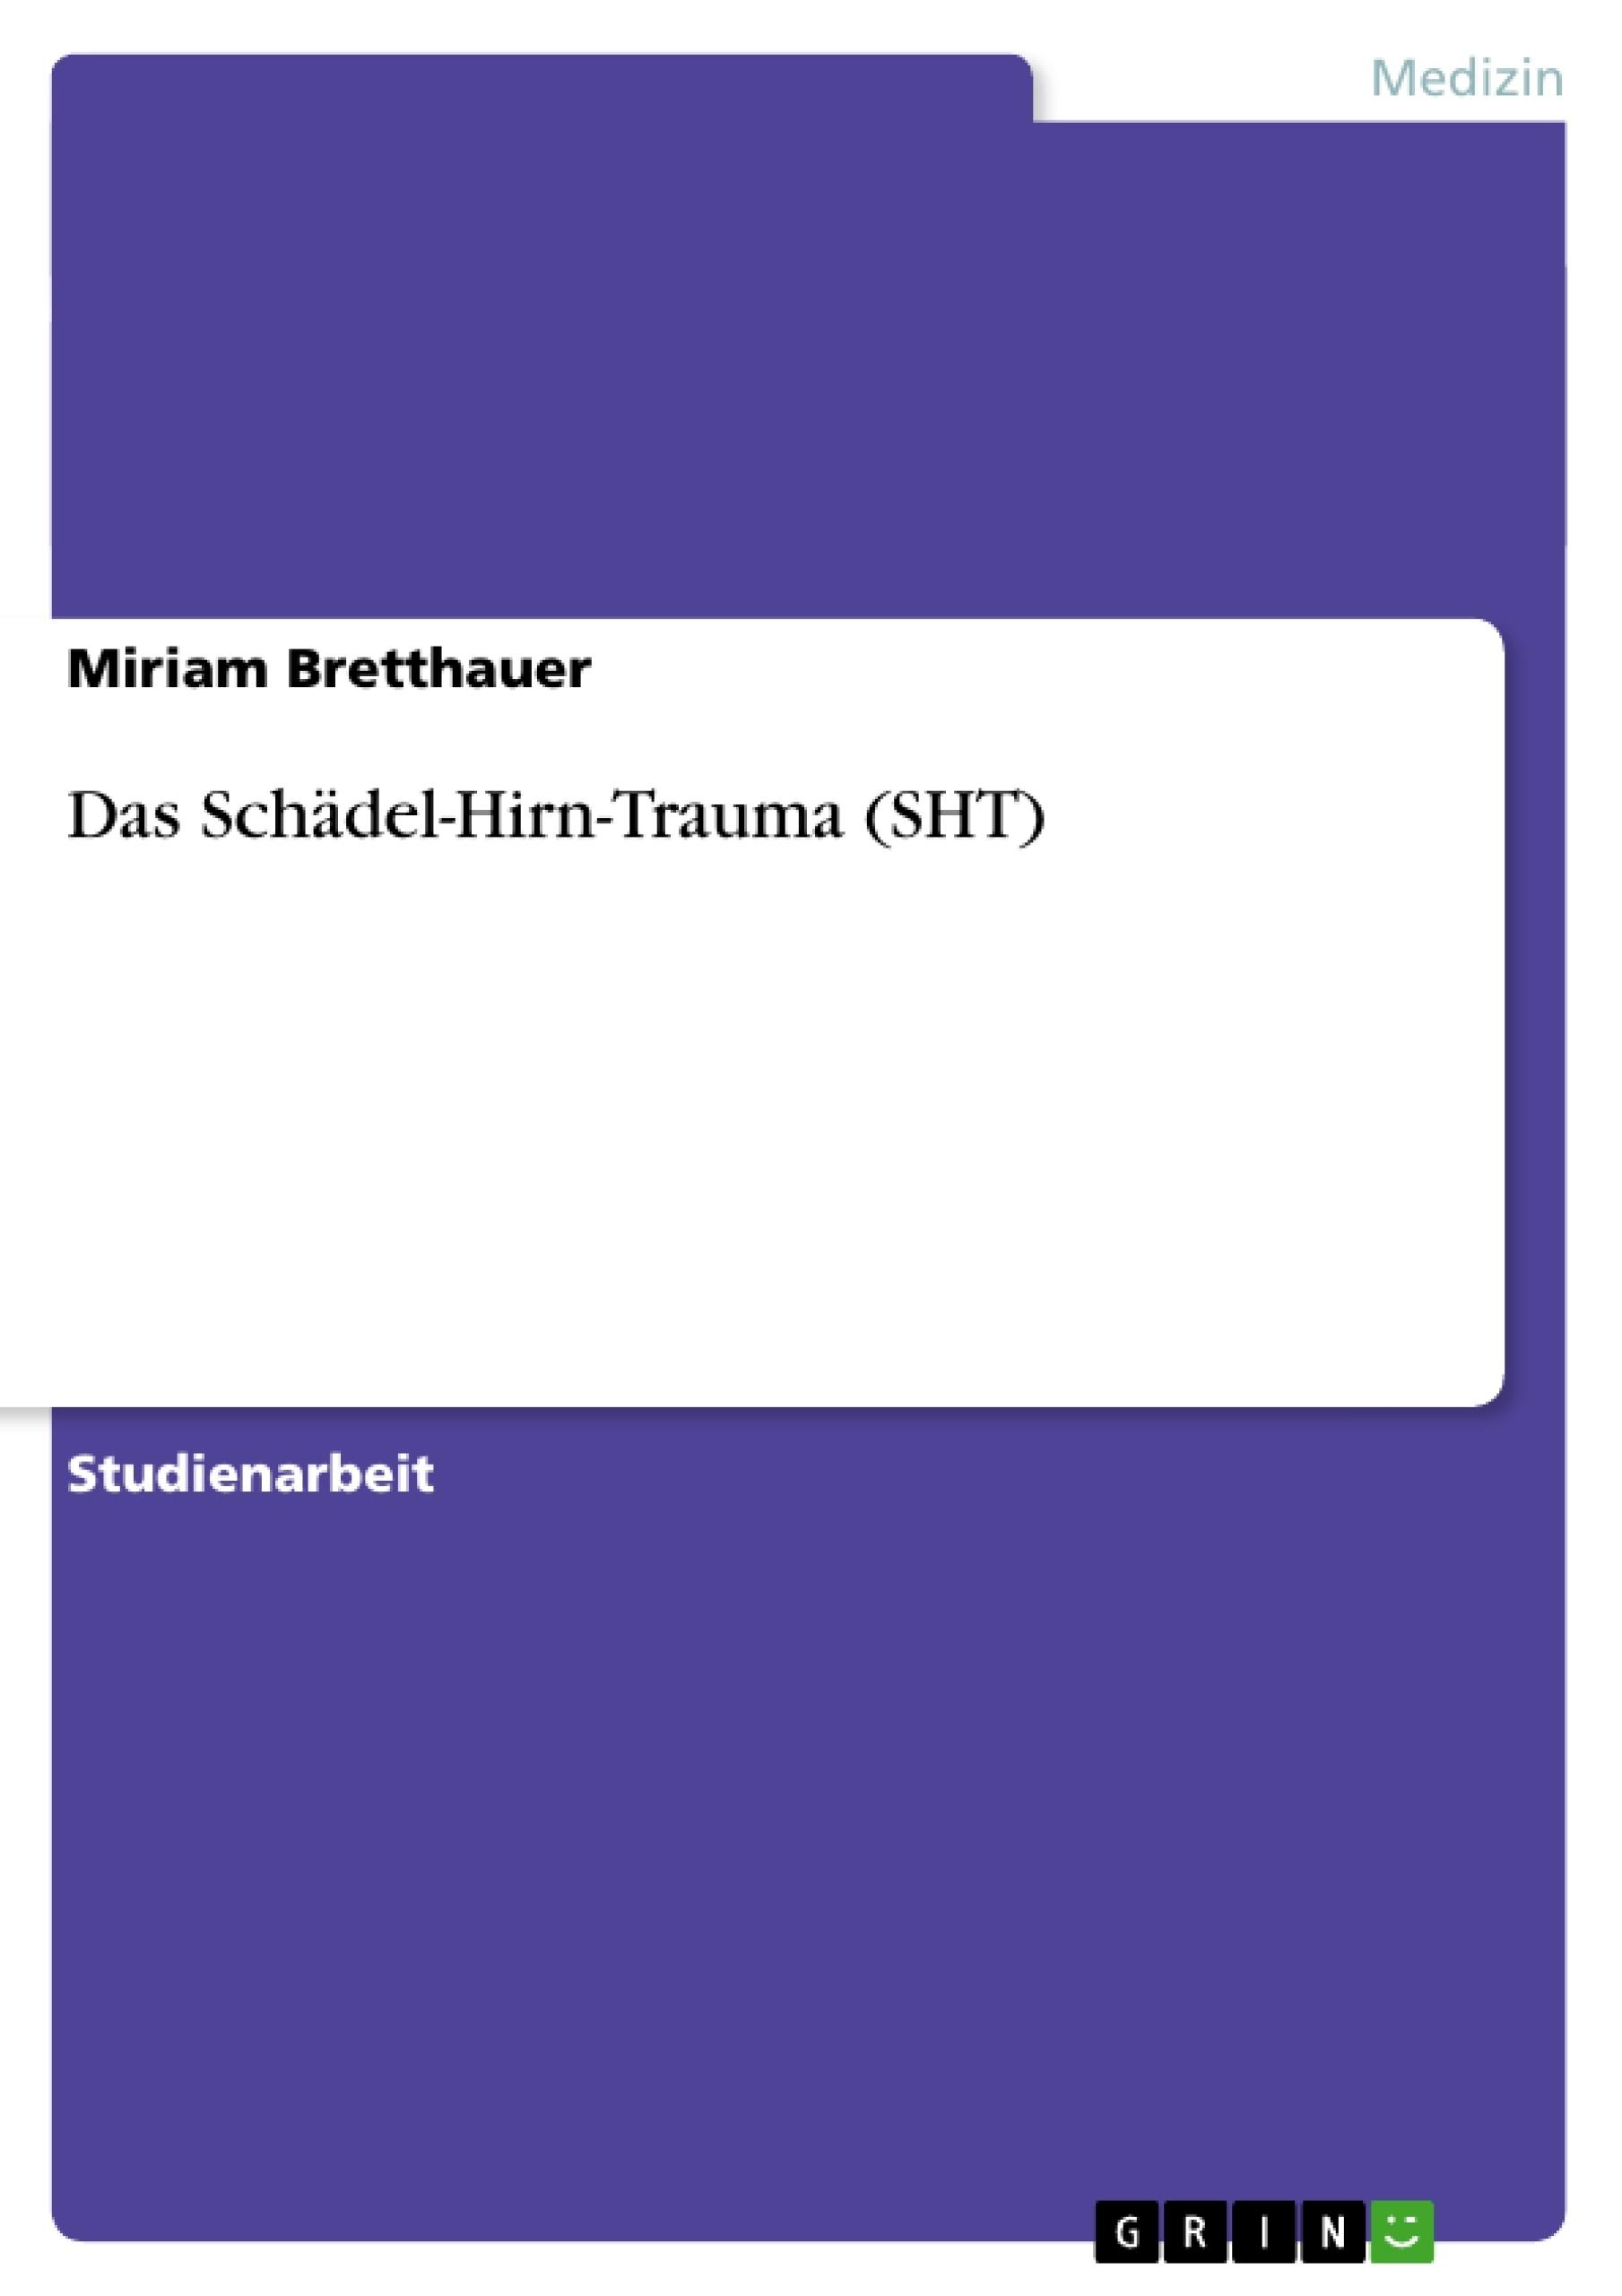 Titel: Das Schädel-Hirn-Trauma (SHT)